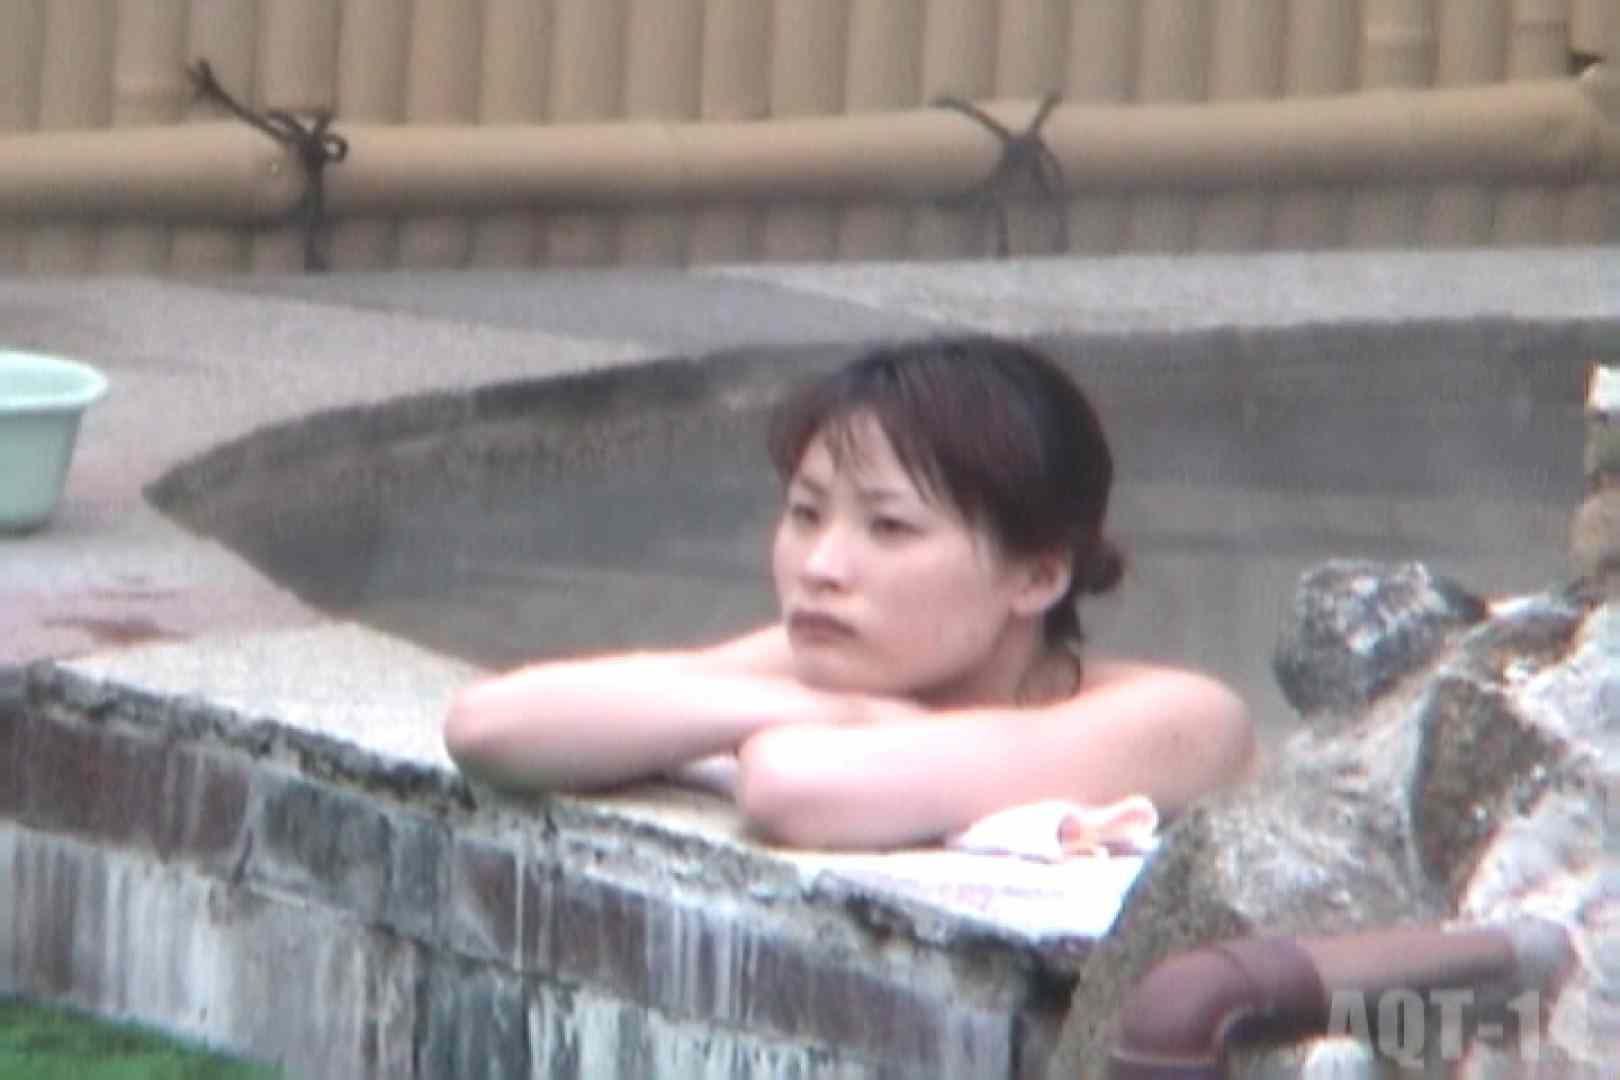 Aquaな露天風呂Vol.822 OLのエロ生活  62連発 3